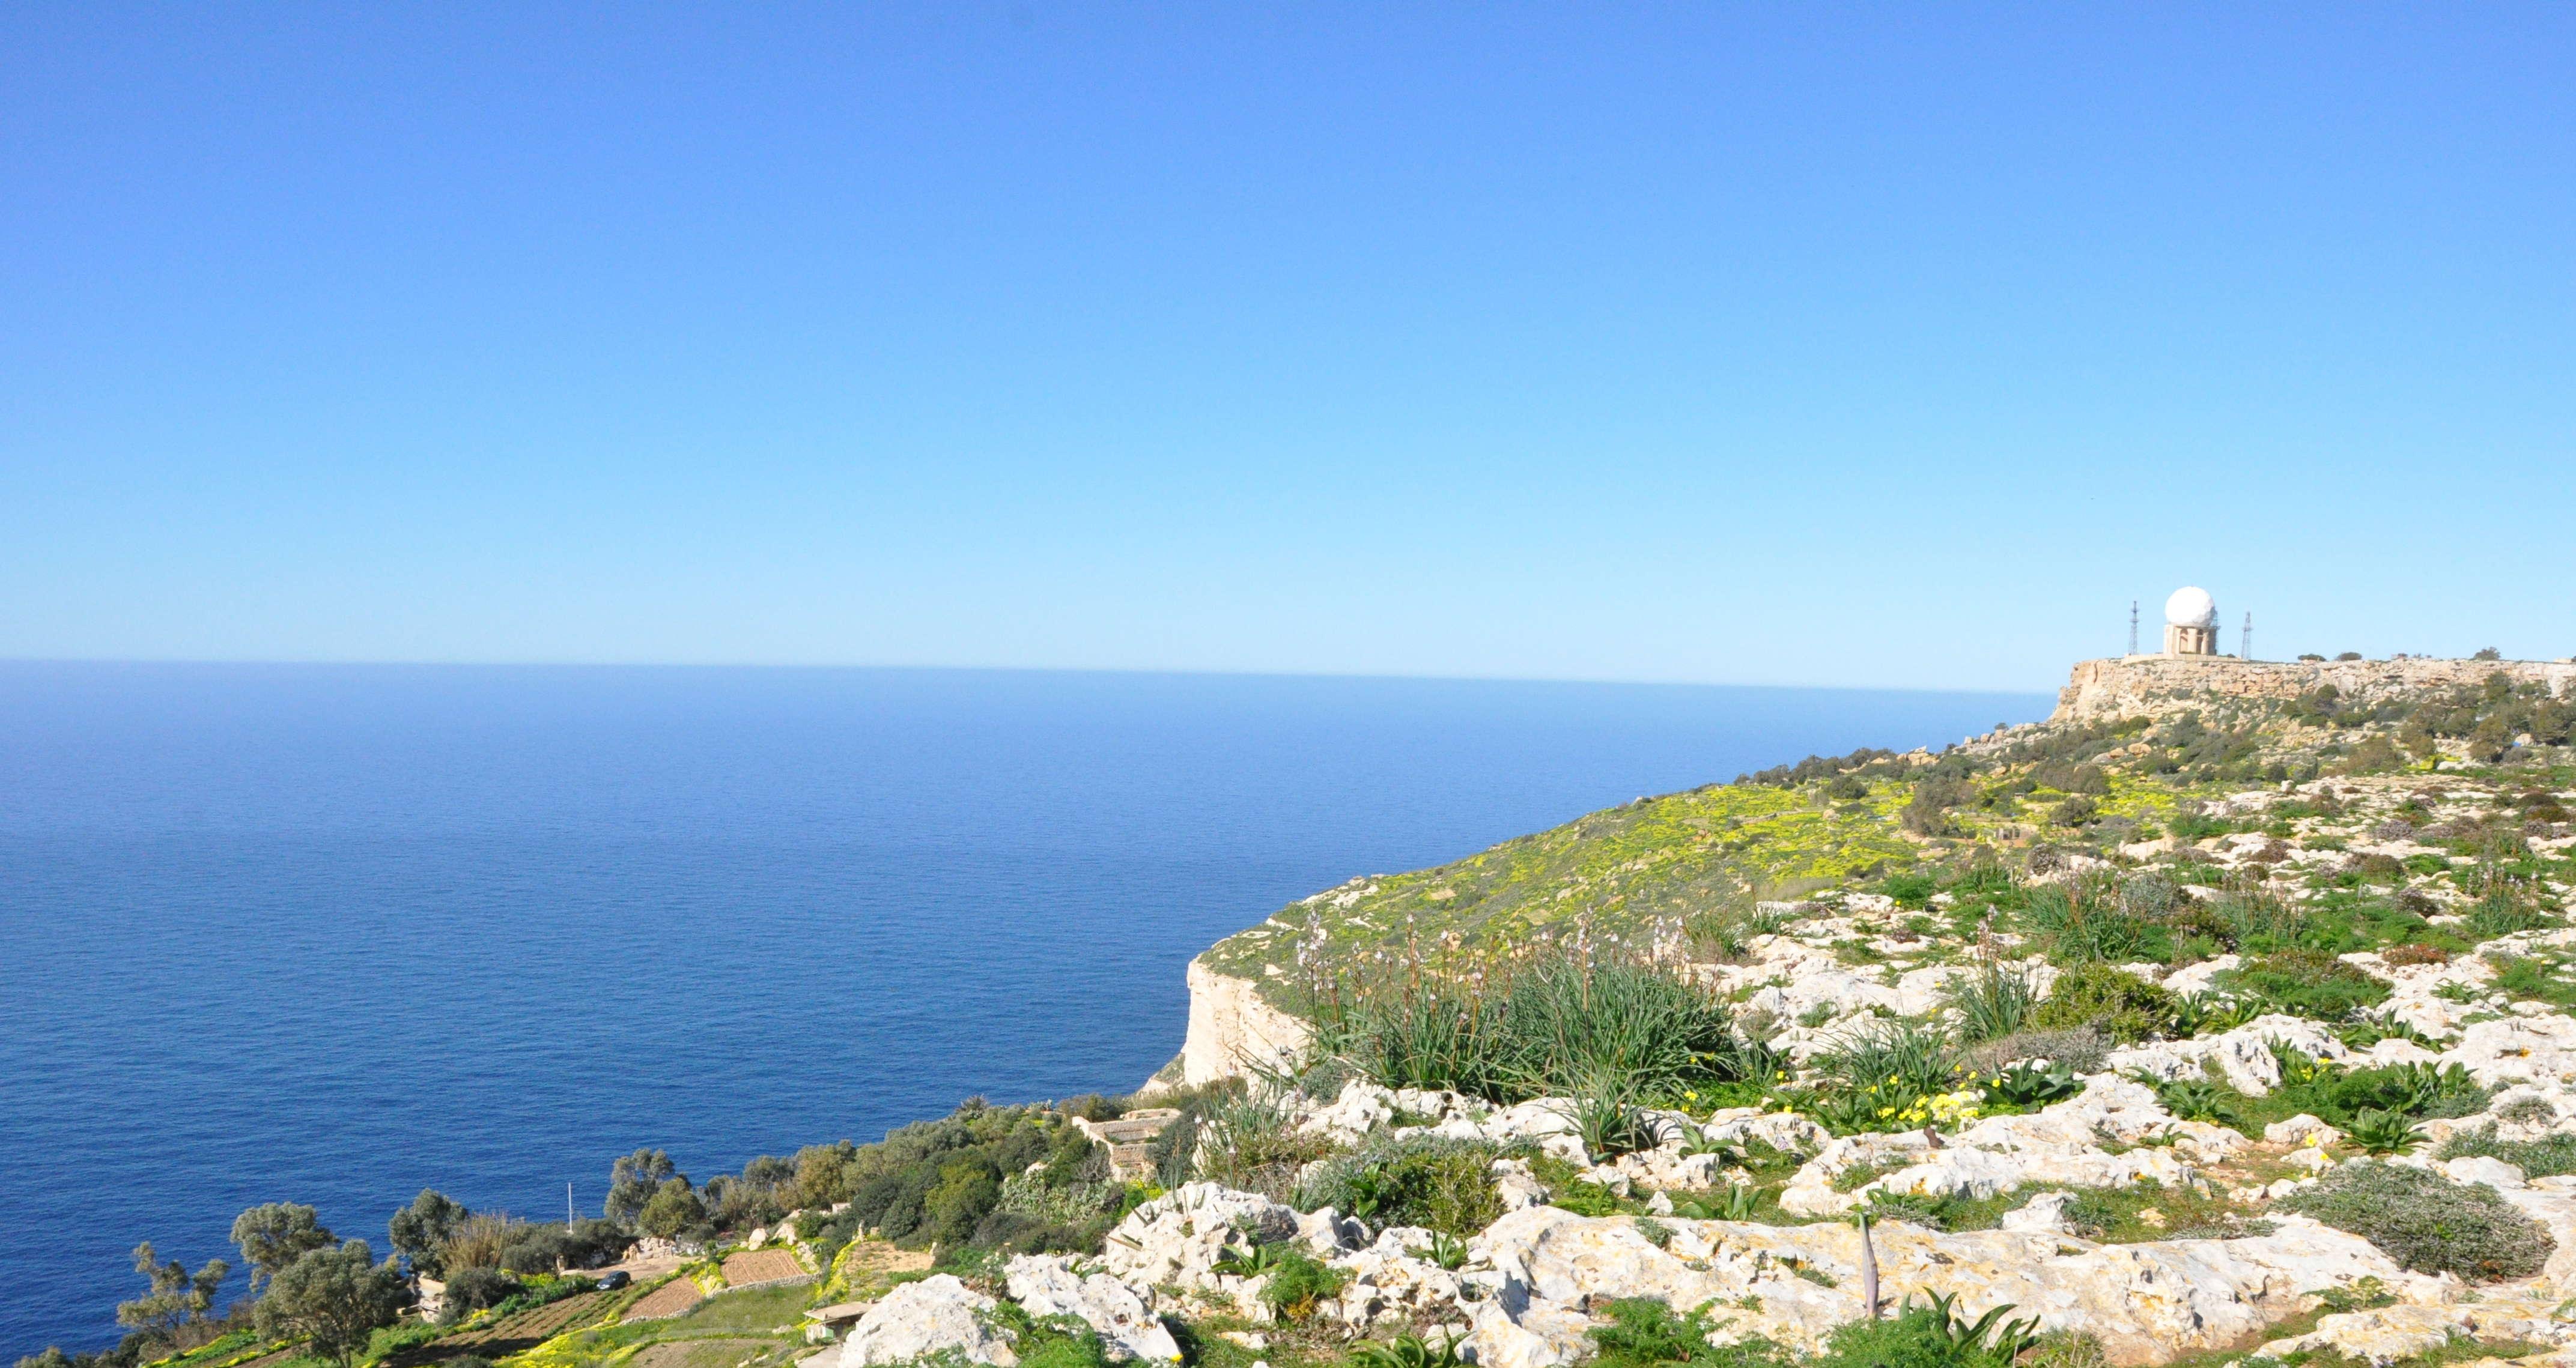 16. Malta